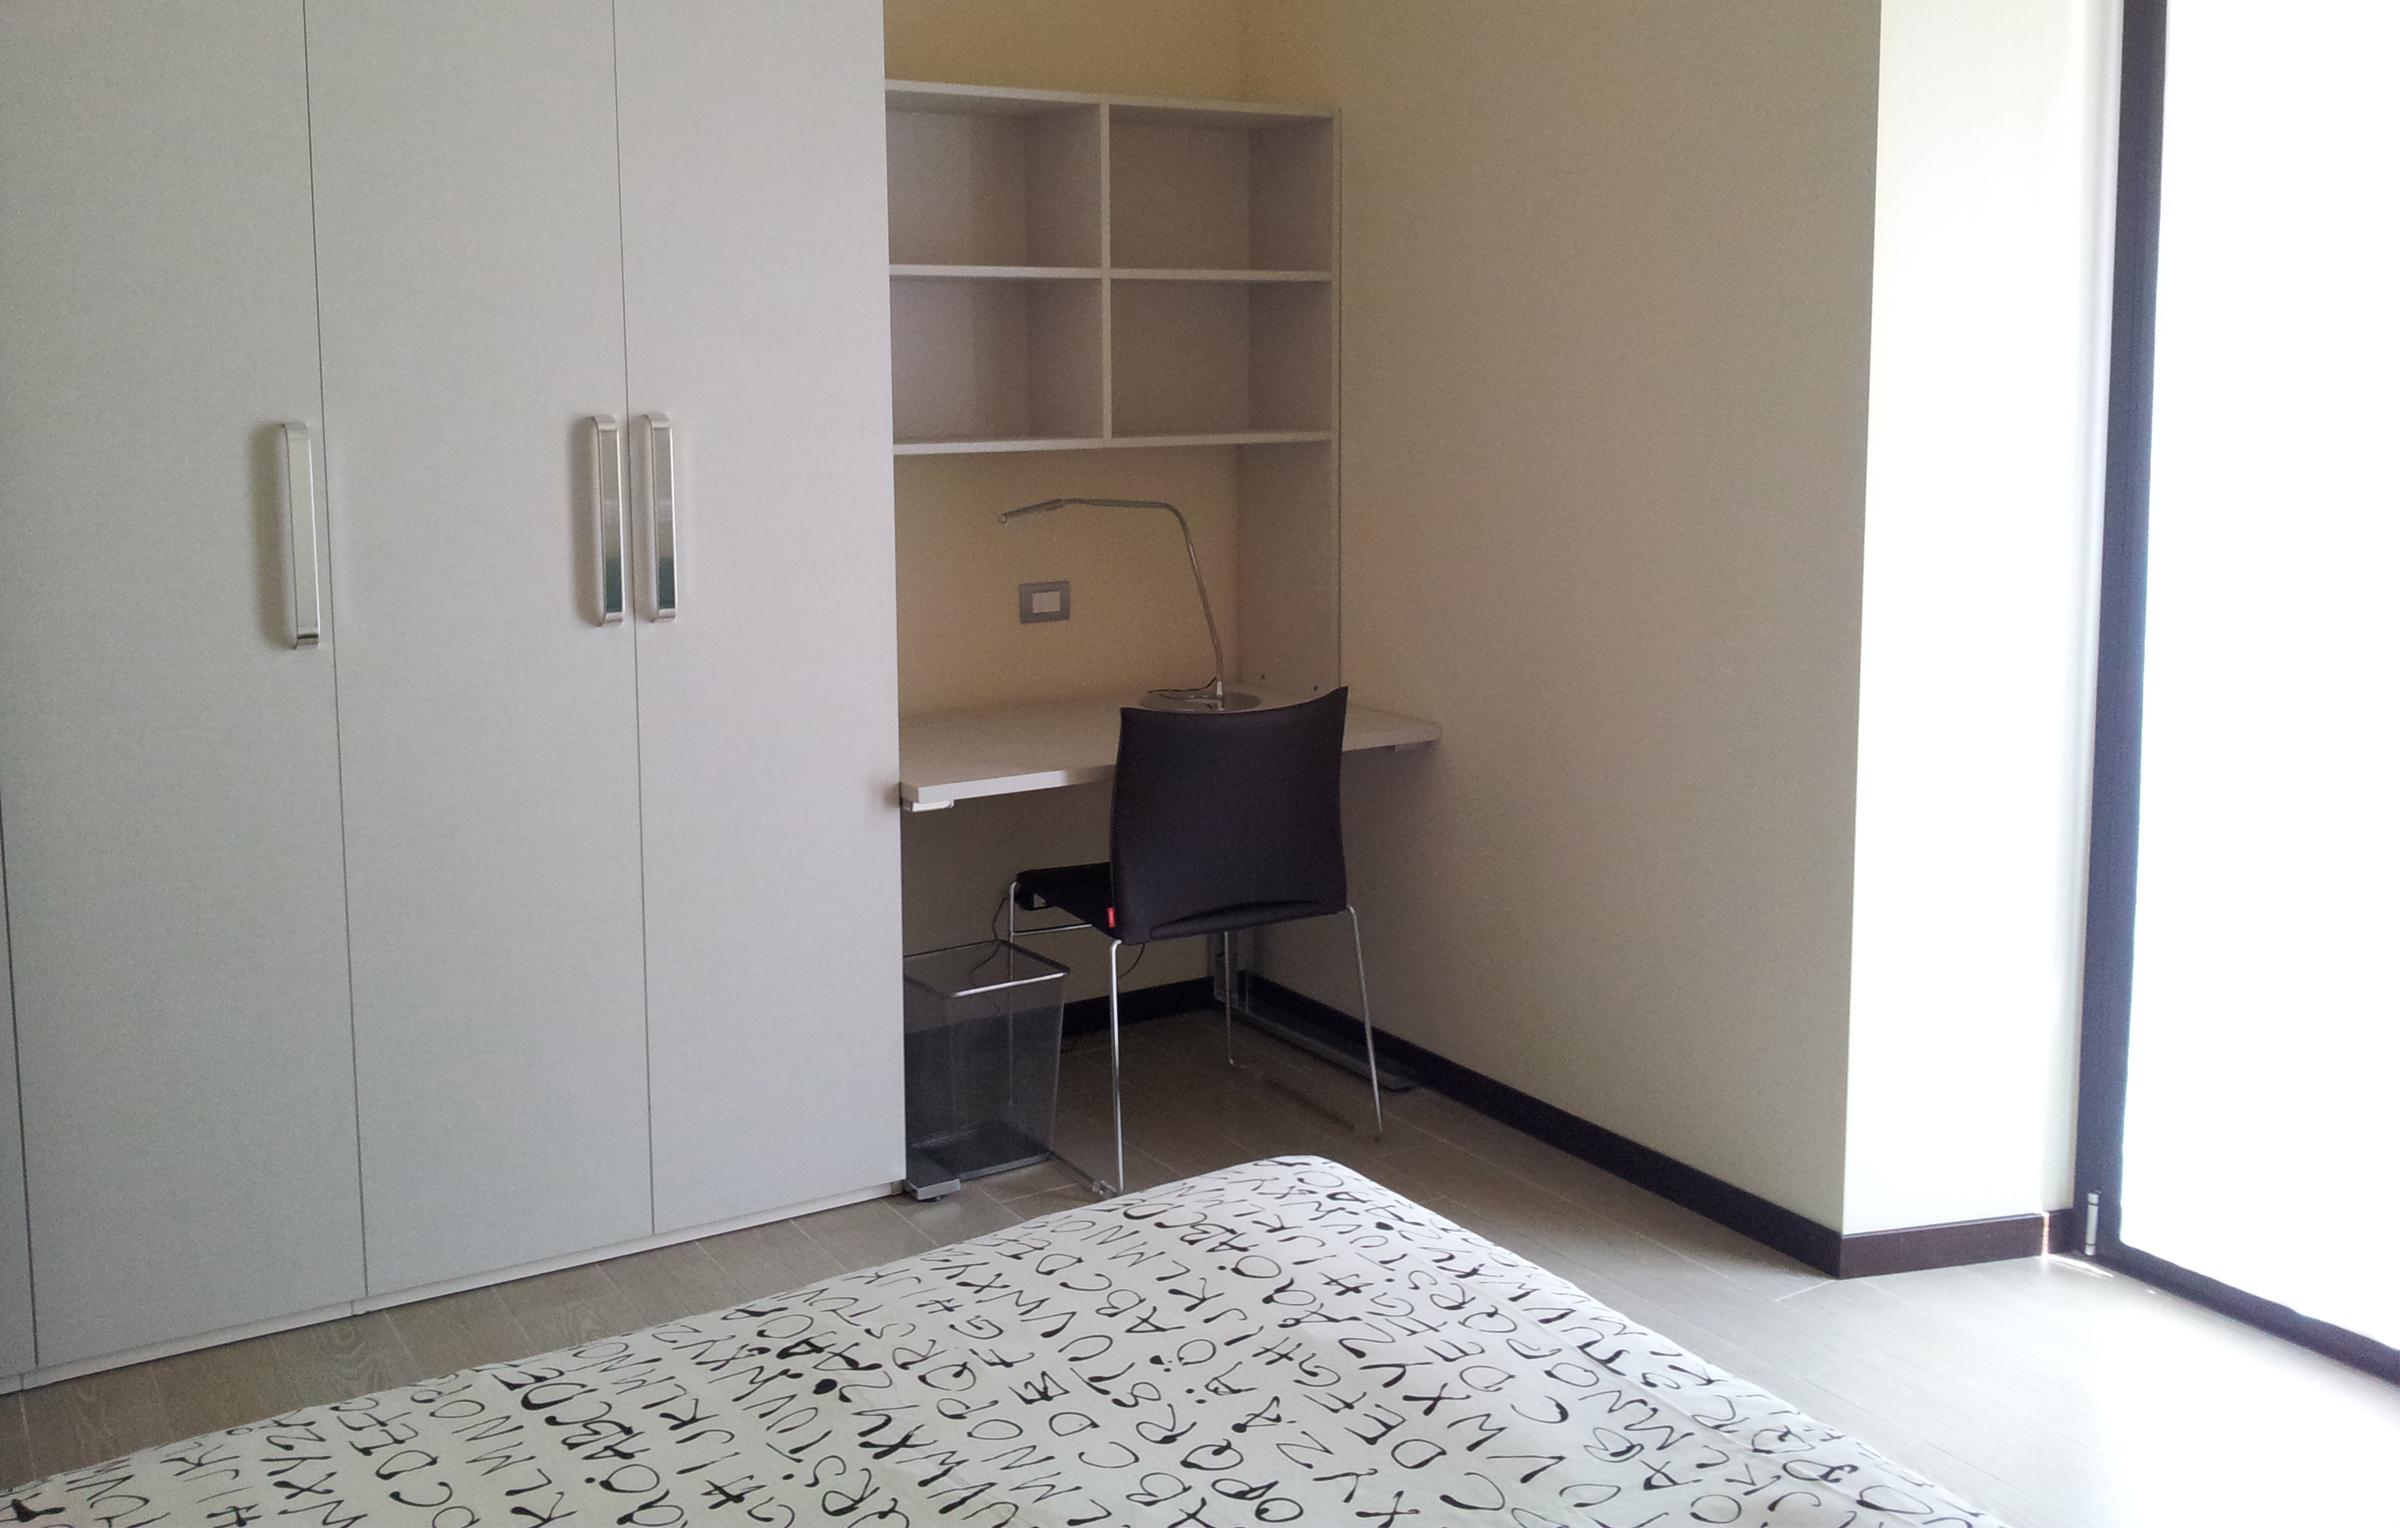 Affittare per 6 mesi un appartamento a Milano